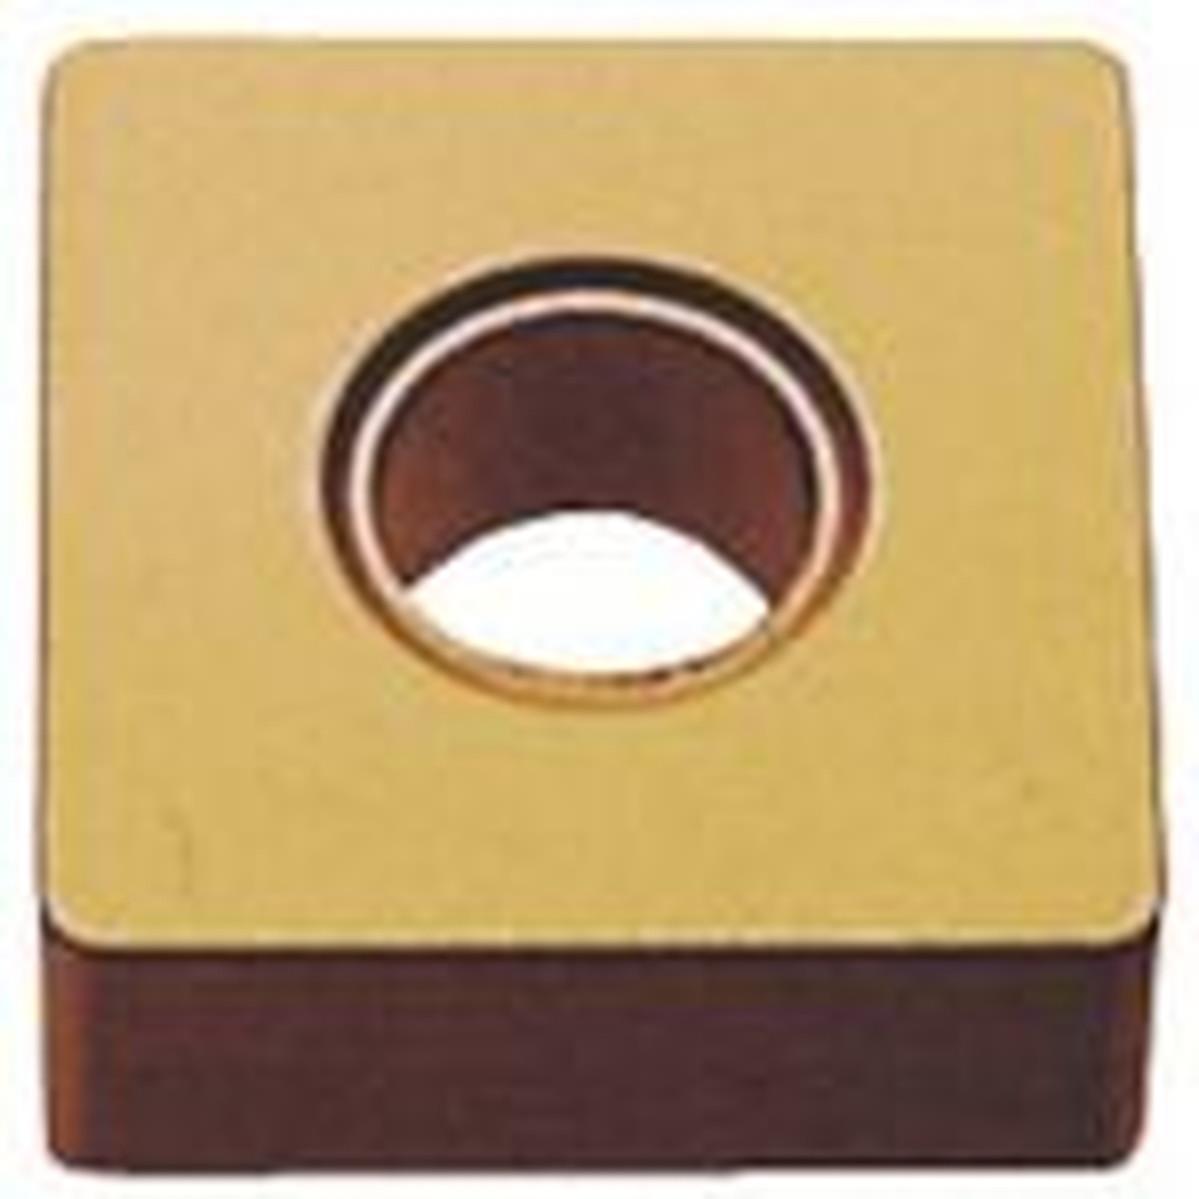 あす楽対応 DIY用品 MOLDINO バイト用インサート 激安卸販売新品 HG8025 お買い得品 SNMA120408 10個